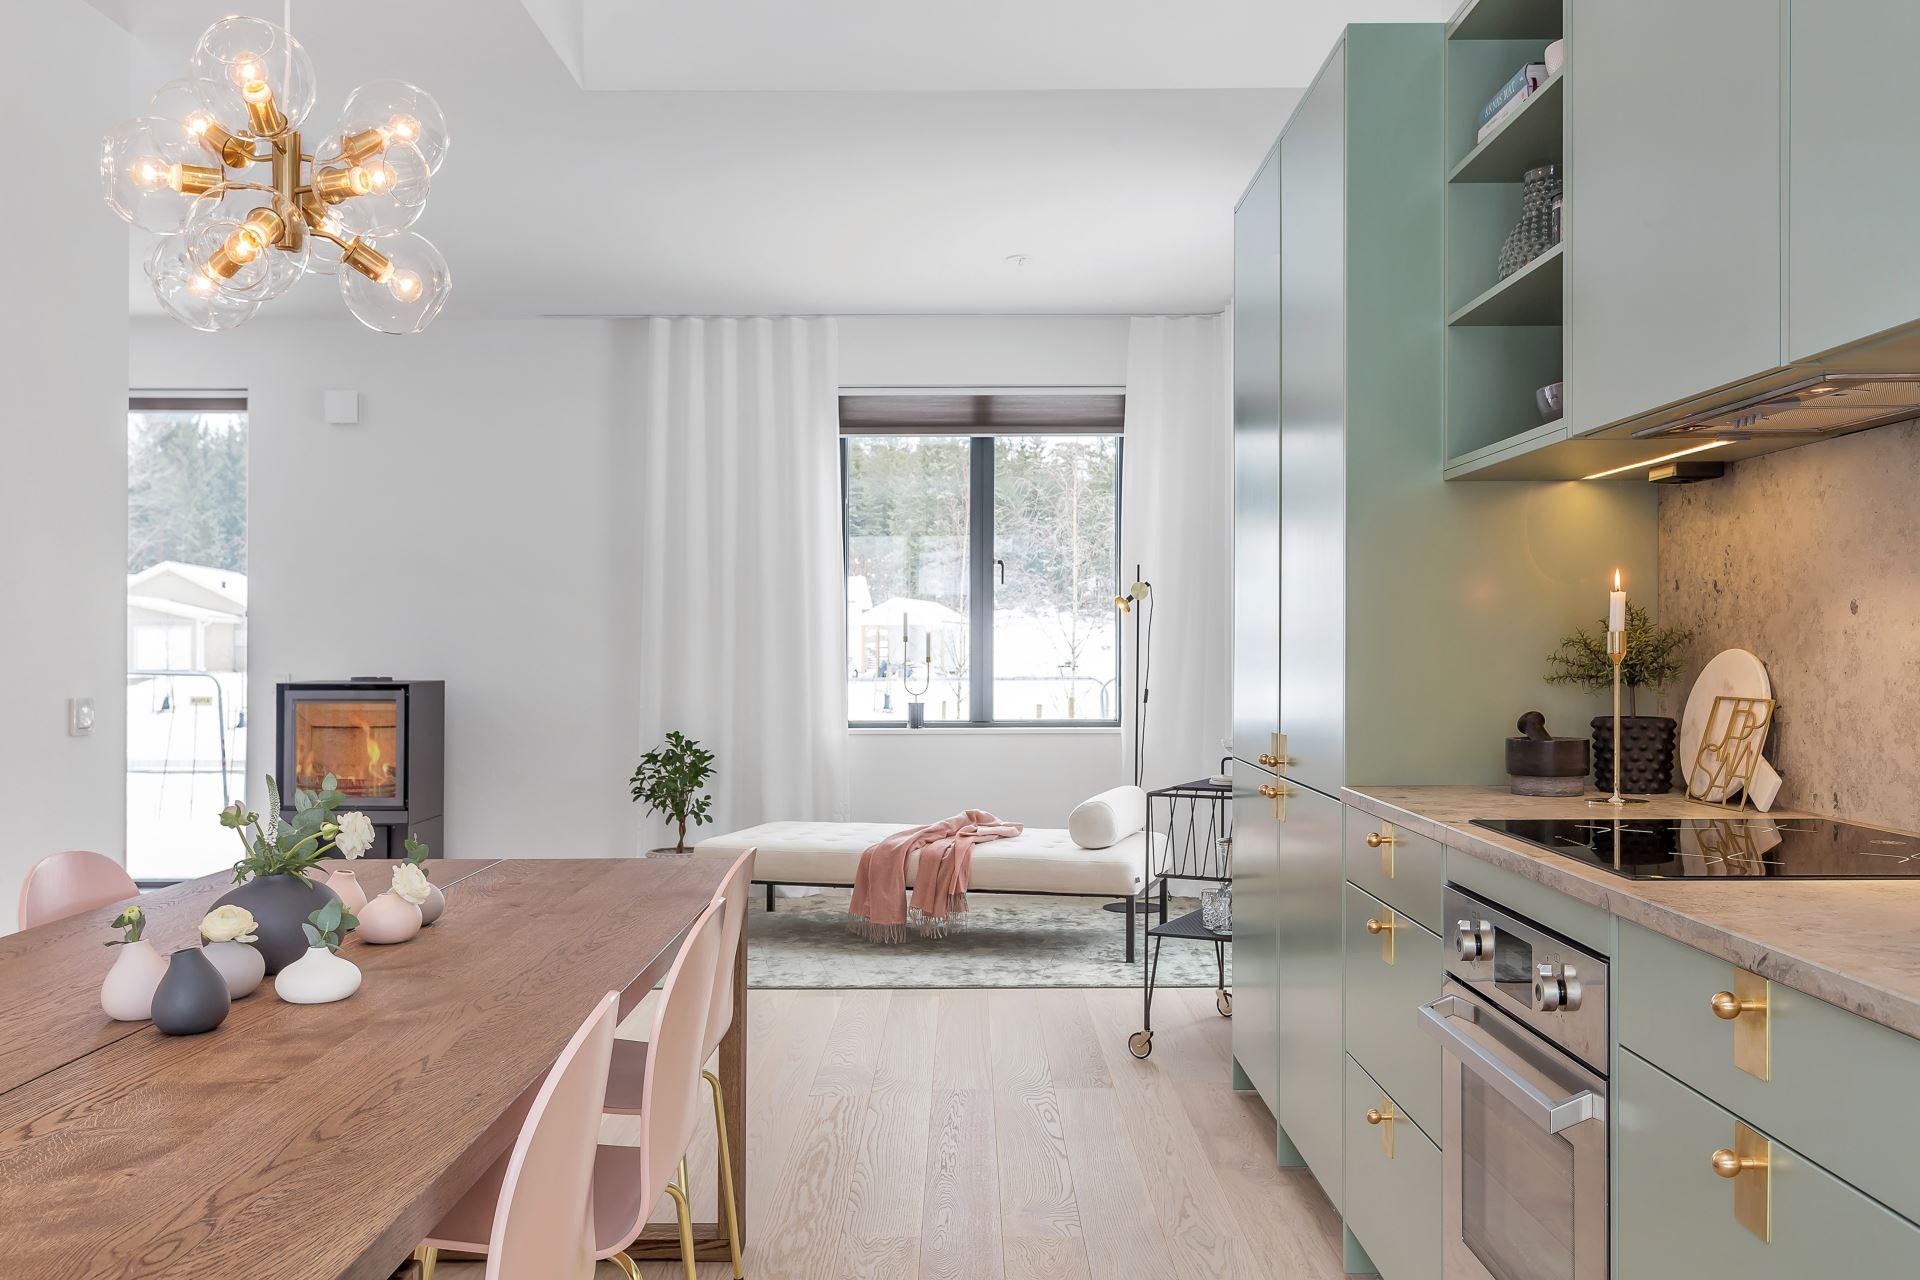 Cocina n rdica y la elegancia femenina interiores chic for Blogs decoracion nordica